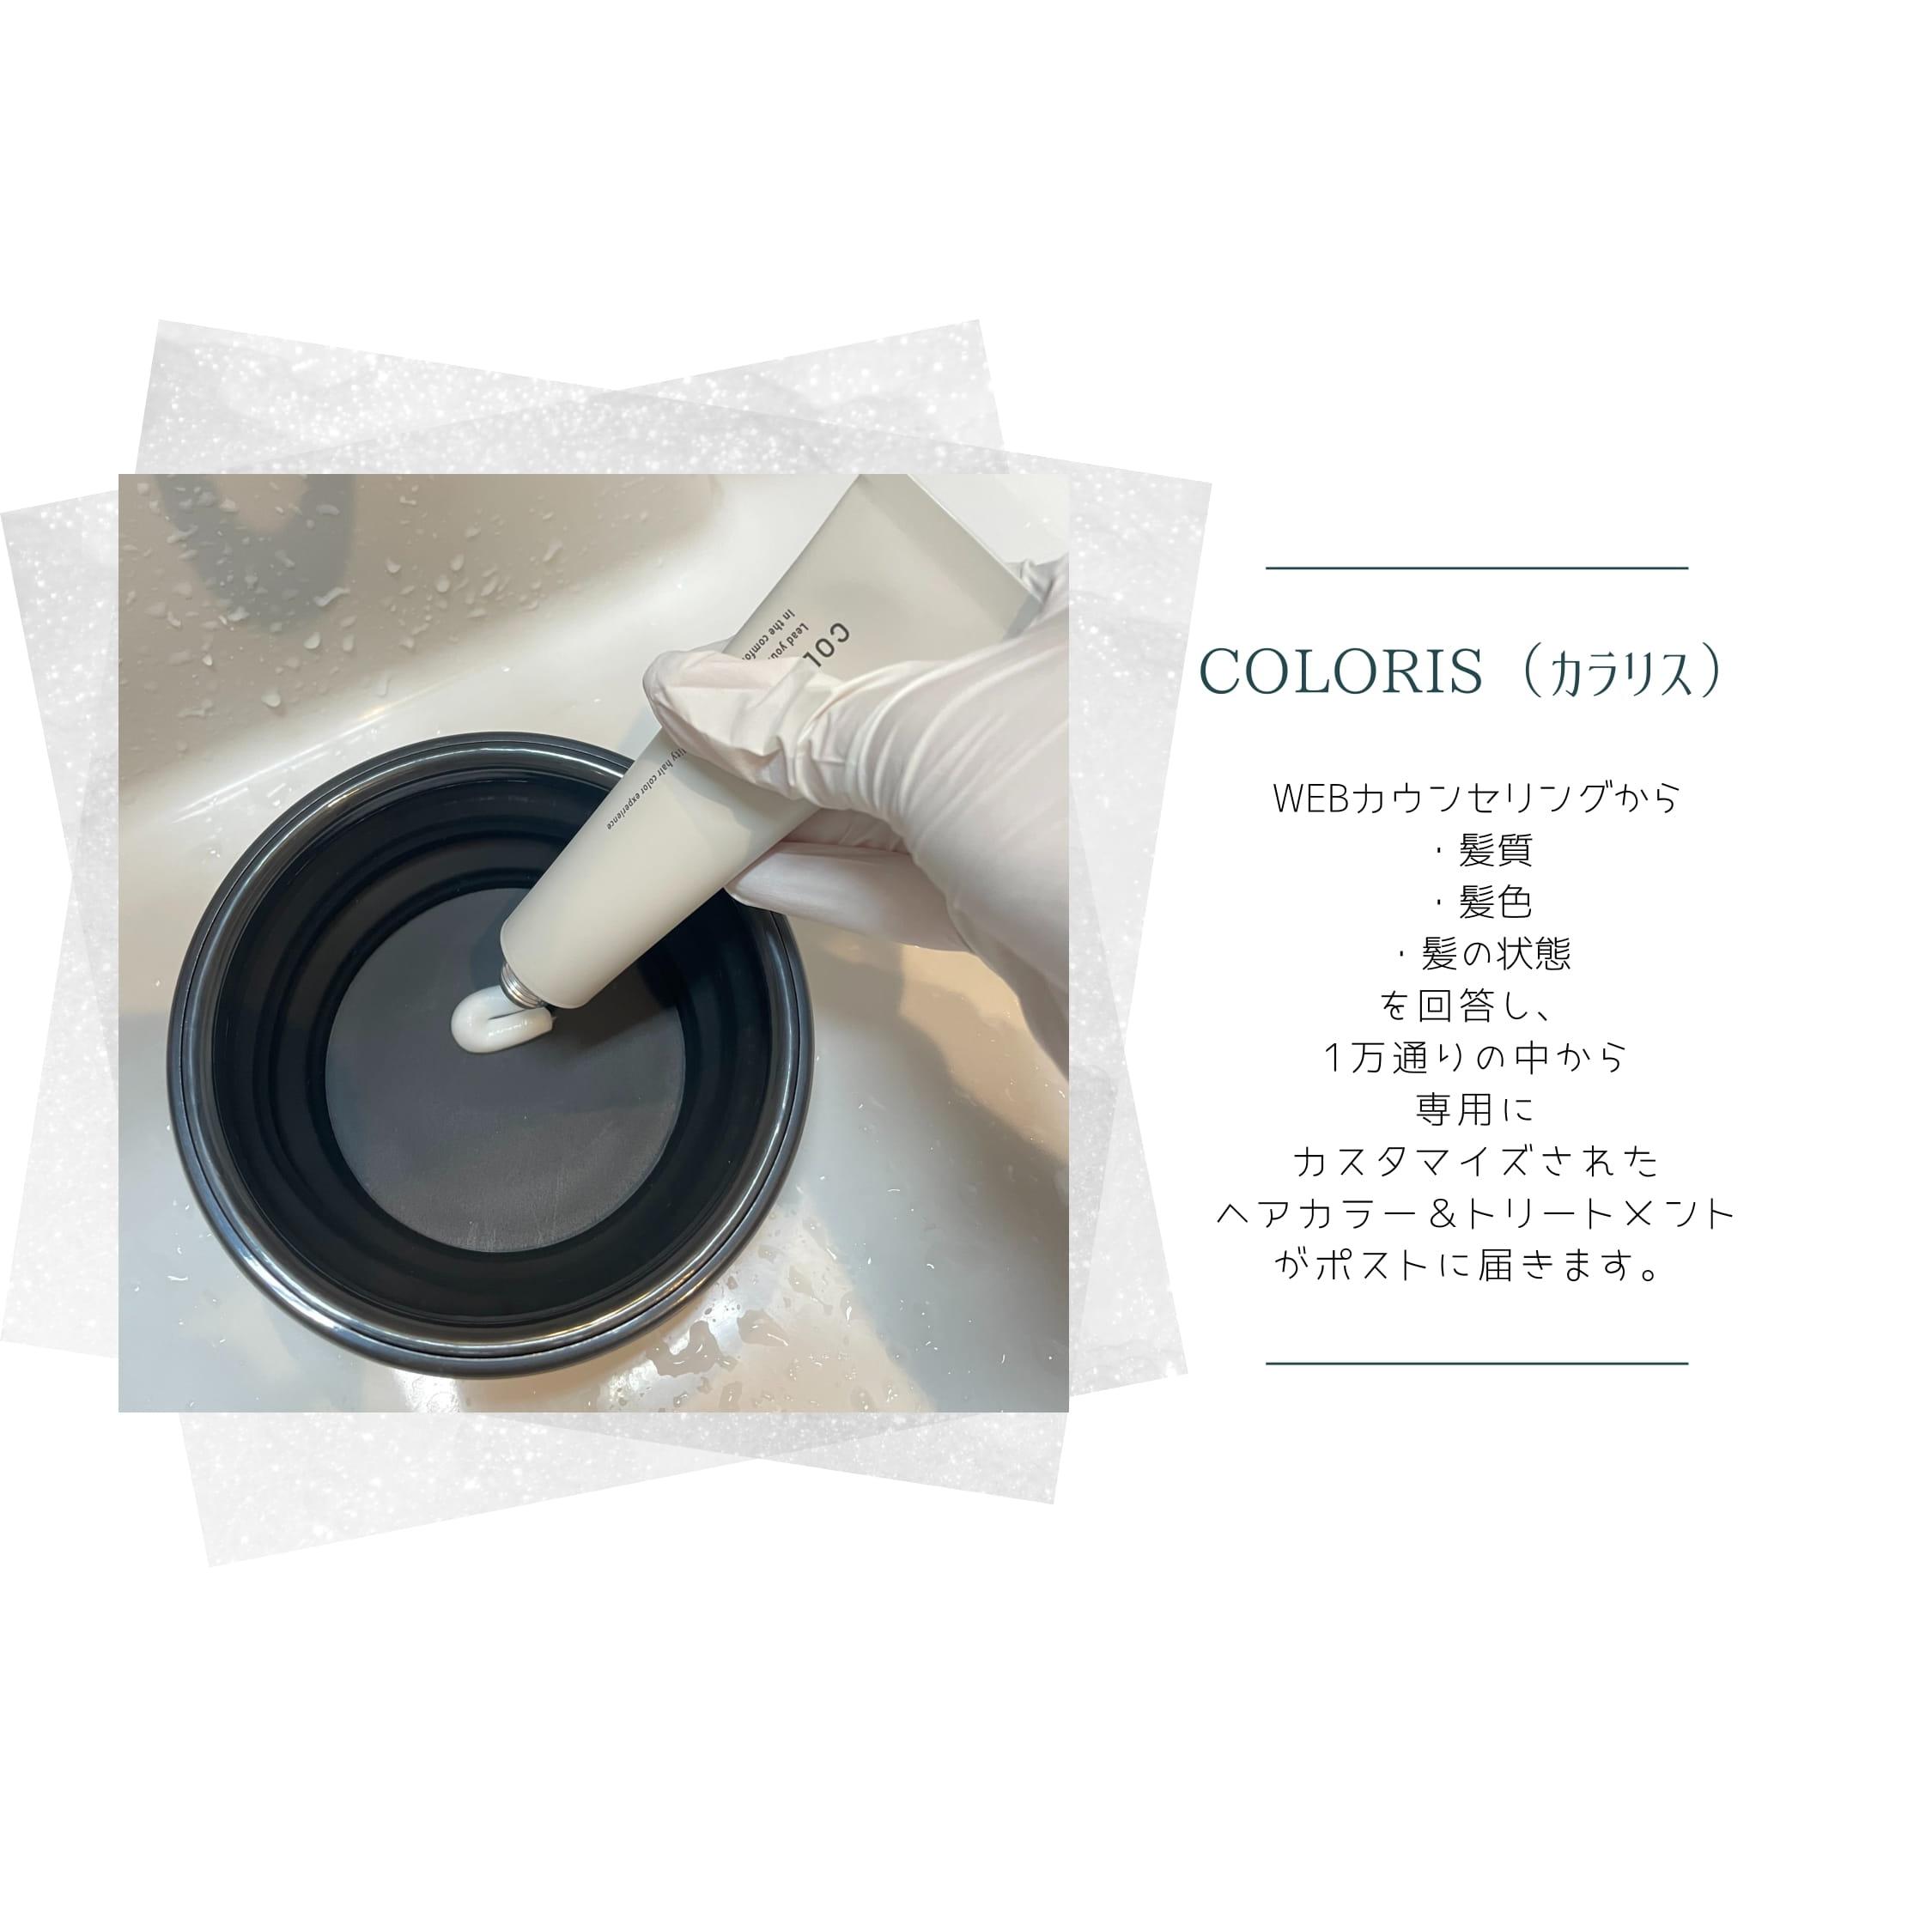 COLORIS(カラリス) ヘアカラーセットの良い点・メリットに関するゆあさんの口コミ画像1